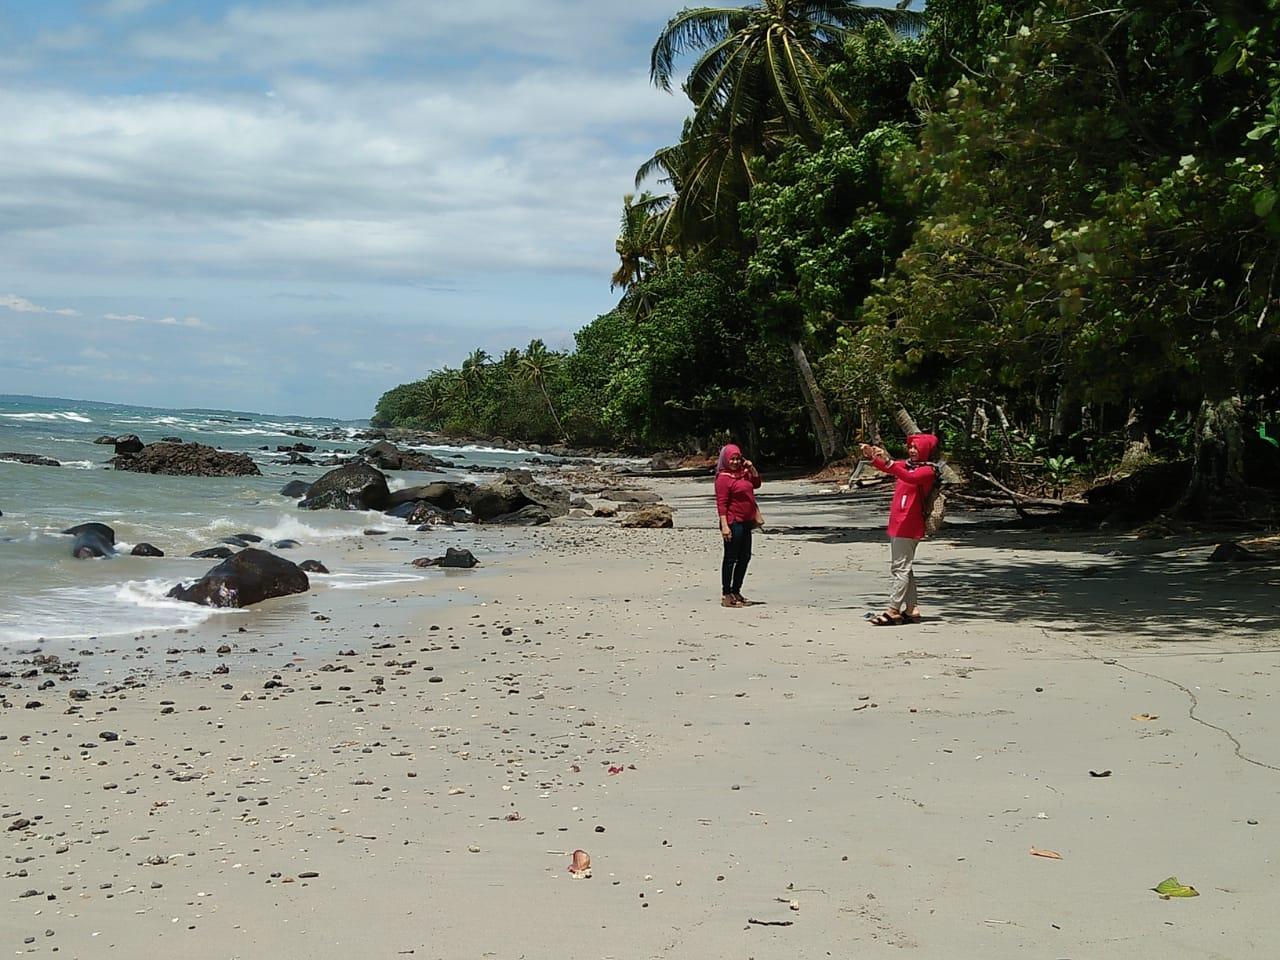 Wisata Ke Pantai Gading